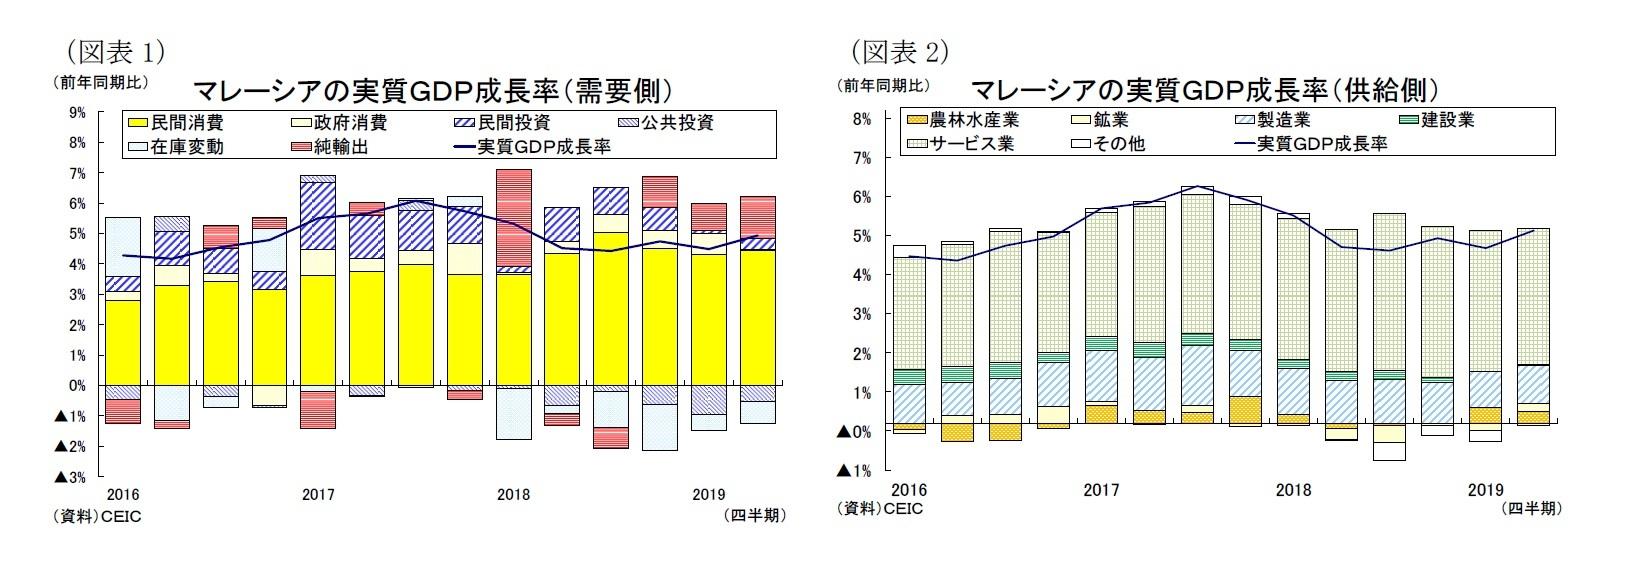 (図表1)マレーシアの実質GDP成長率(需要側)/(図表2)マレーシアの実質GDP成長率(供給側)